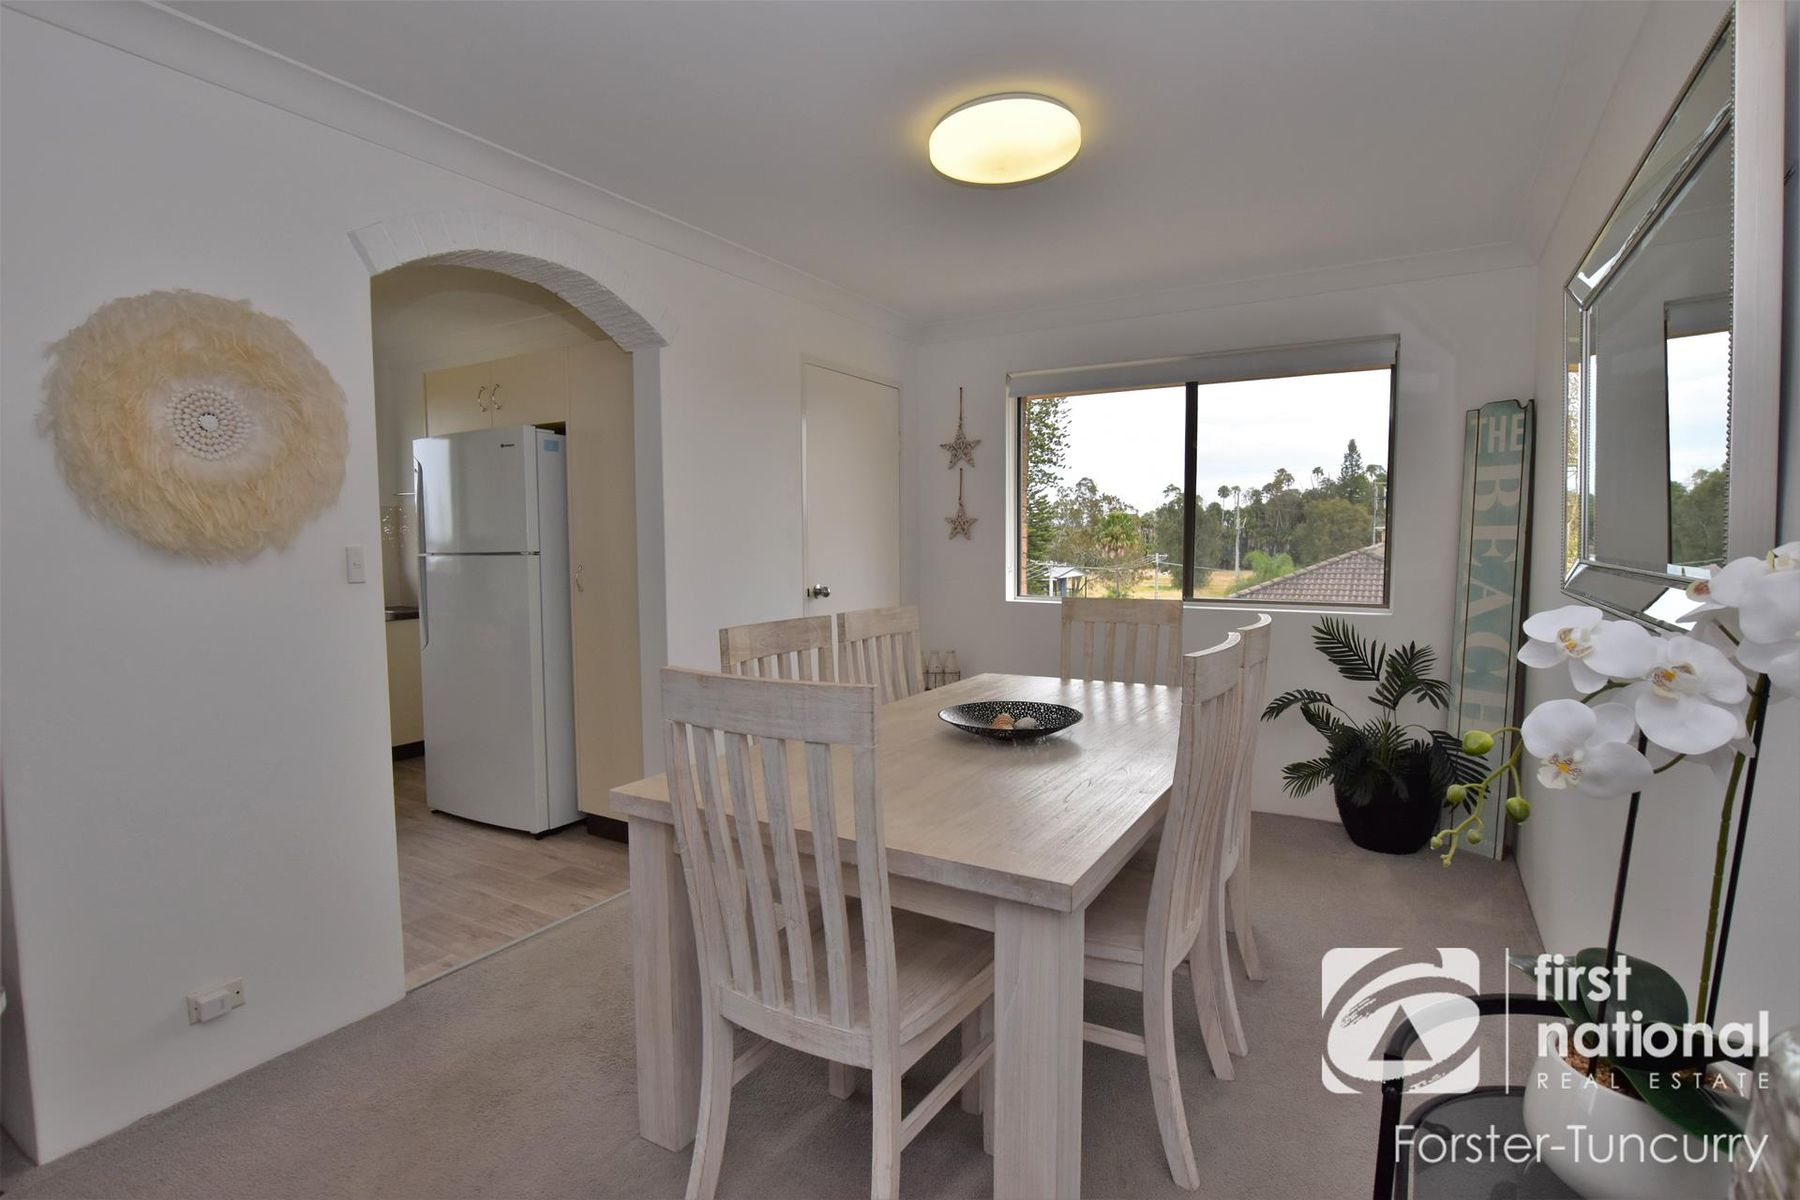 17/12 Taree Street, Tuncurry, NSW 2428